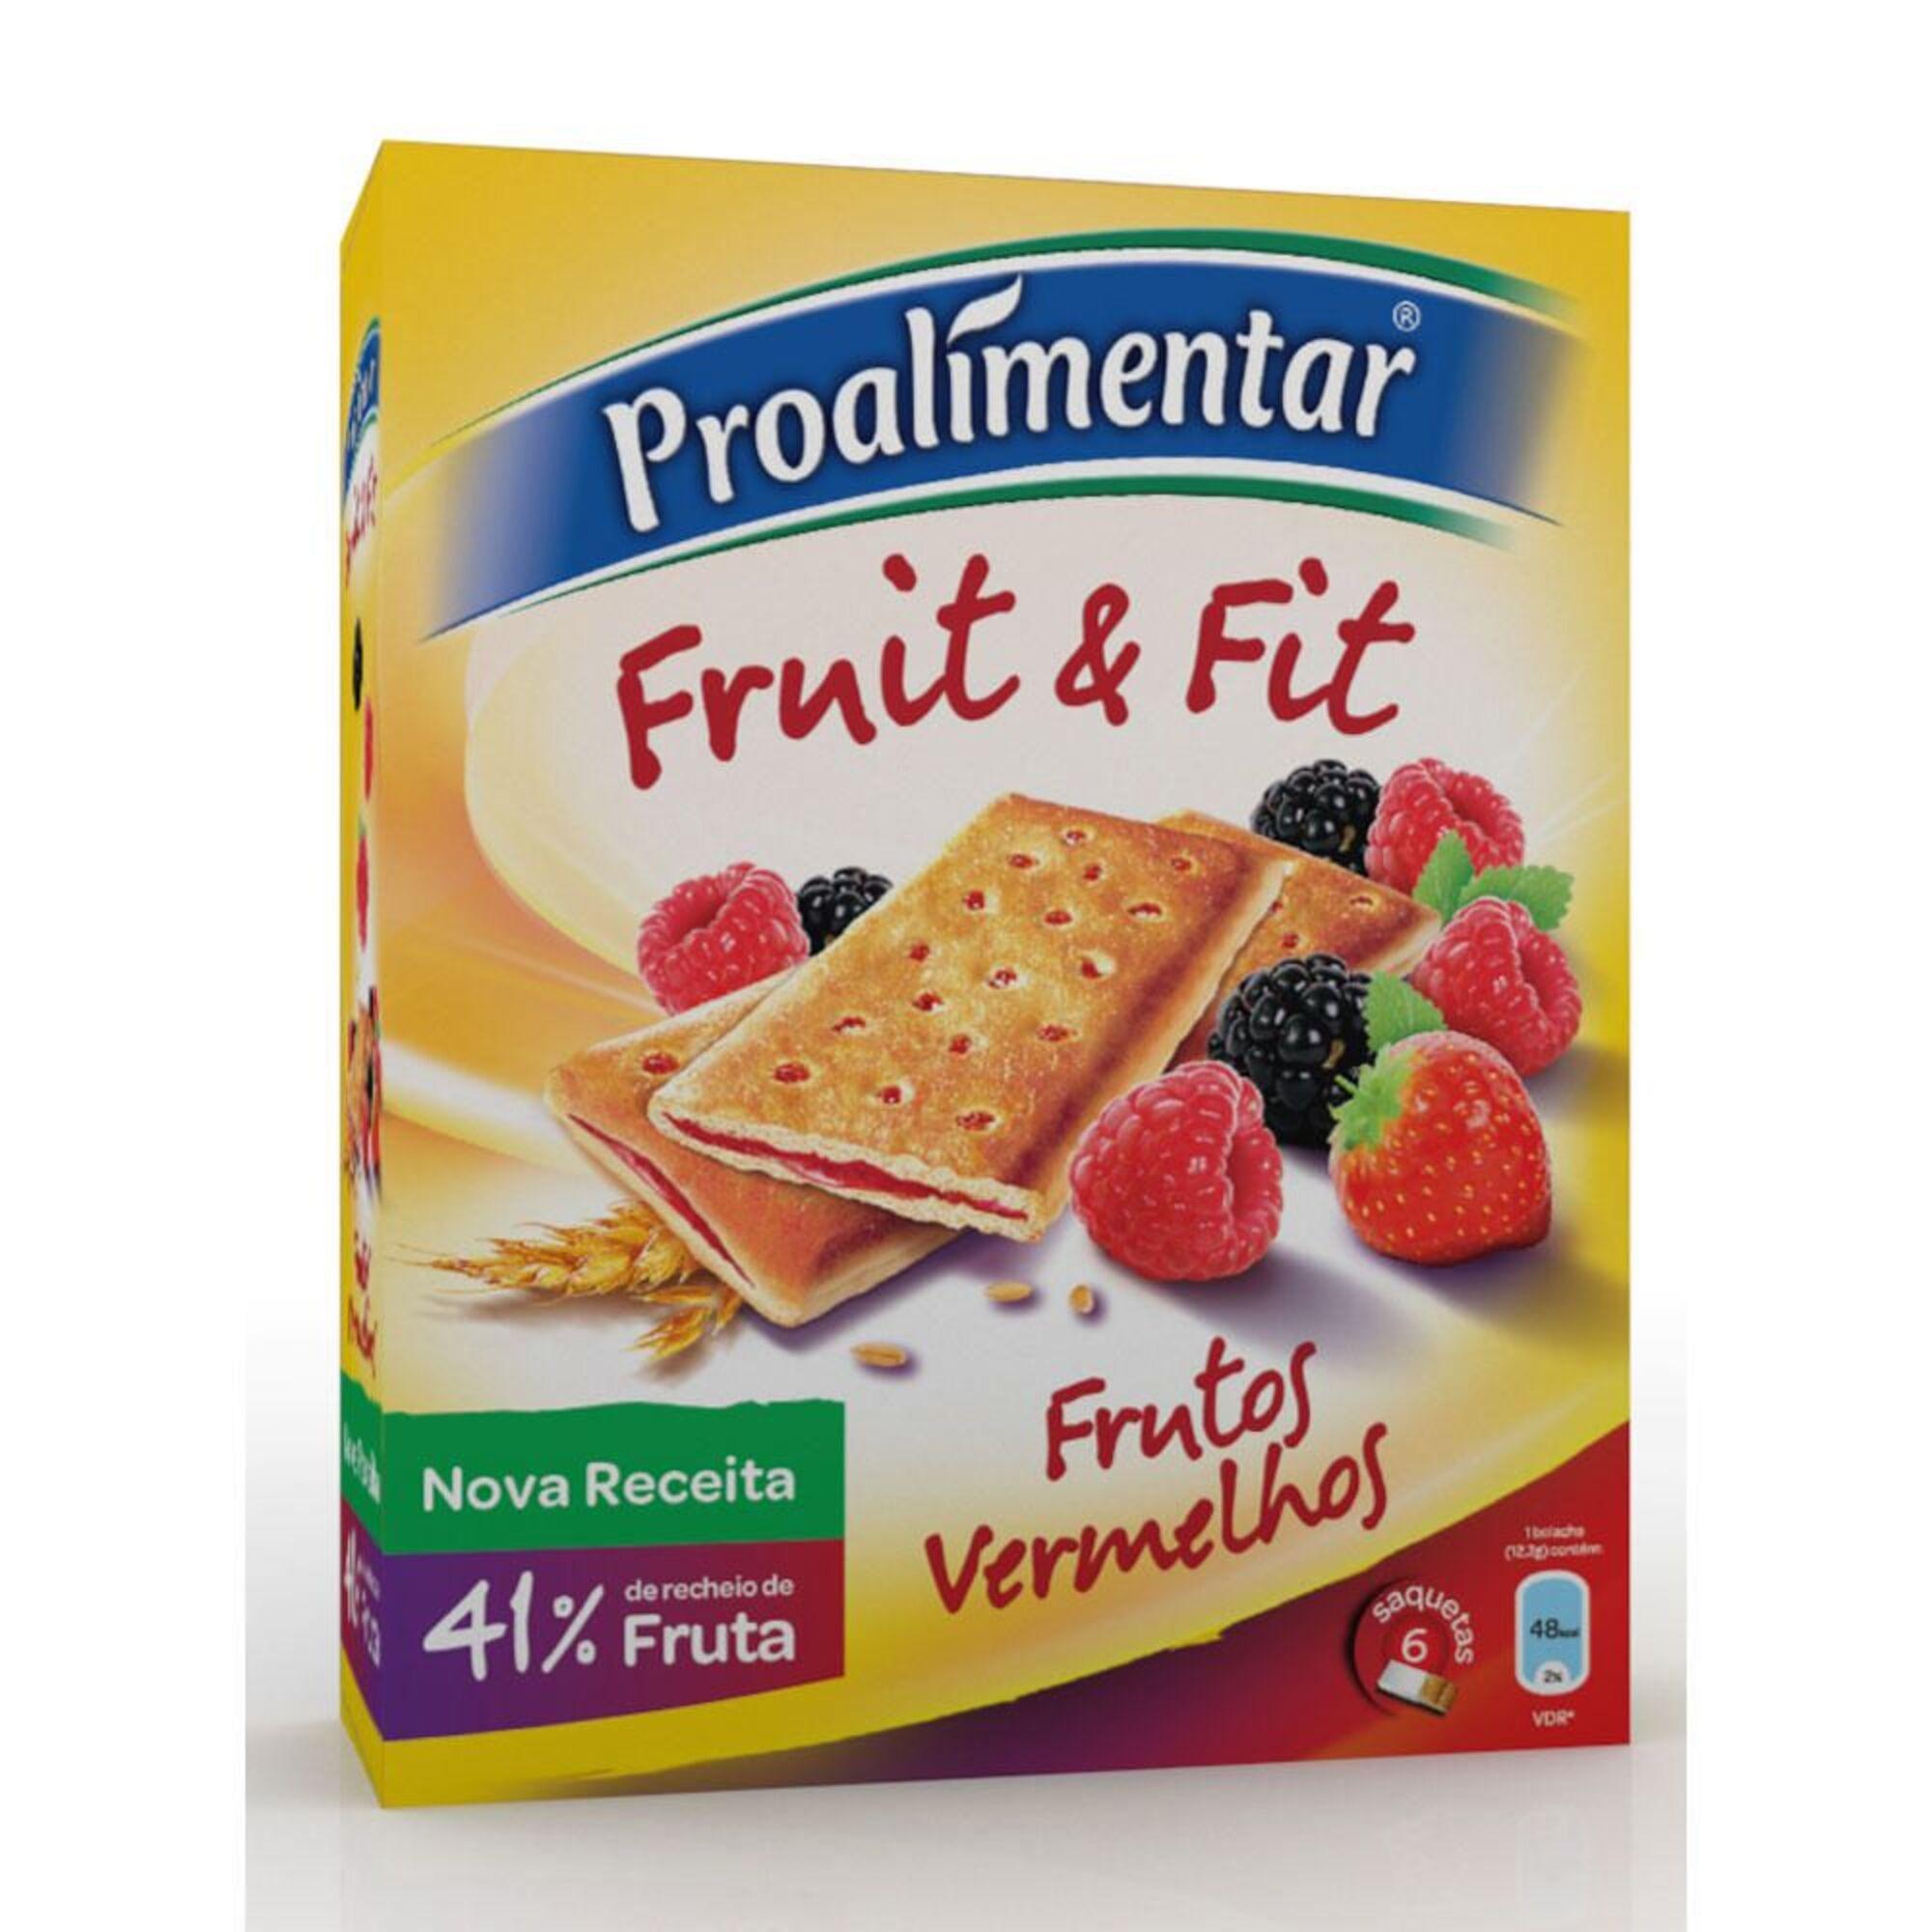 TRIUNFO - Triunfo Bolacha Fruit & Fit, Frutos Vermelhos, 148 g